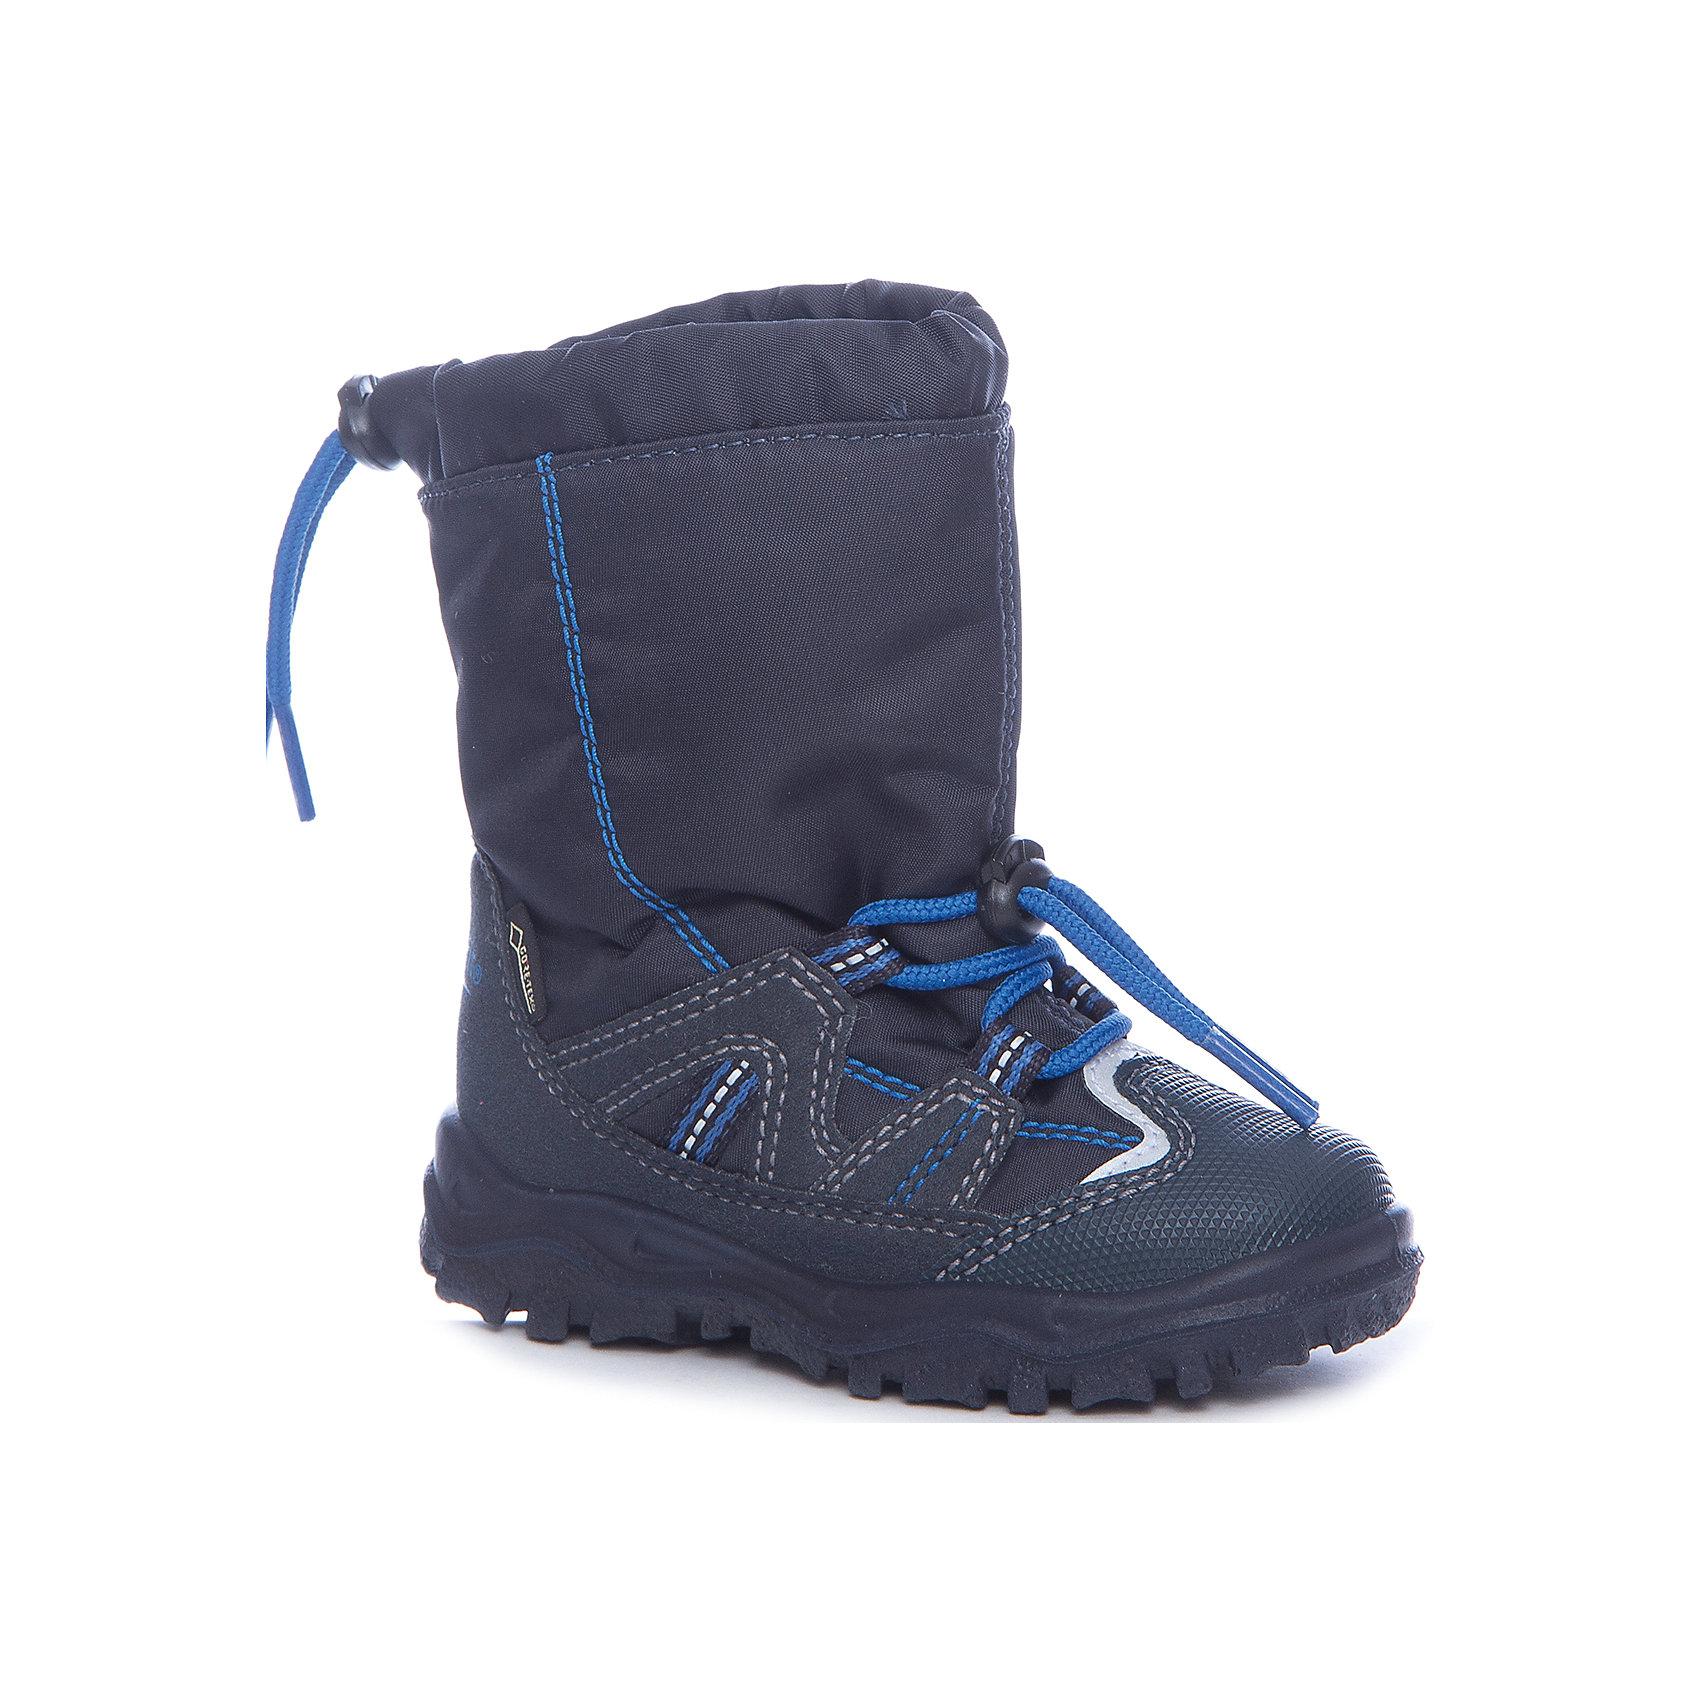 Сапоги Superfit для мальчикаСапоги<br>Характеристики товара:<br><br>• цвет: синий<br>• внешний материал: текстиль<br>• внутренний материал: текстиль<br>• стелька: шерсть<br>• подошва: полимер<br>• сезон: зима<br>• мембранные<br>• температурный режим: от +5 до -25<br>• особенности модели: спортивный стиль<br>• застежка: утяжка<br>• защита мыса <br>• анатомические <br>• подошва не скользит<br>• страна бренда: Австрия<br>• страна изготовитель: Румыния<br><br>Такая модель детской обуви создана с учетом особенностей строения ноги ребенка. Зимние сапоги удобные и износостойкие. Стильные мембранные сапоги Superfit - пример качественной и красивой австрийской обуви. <br><br>Сапоги для девочки Superfit (Суперфит) можно купить в нашем интернет-магазине.<br><br>Ширина мм: 257<br>Глубина мм: 180<br>Высота мм: 130<br>Вес г: 420<br>Цвет: синий<br>Возраст от месяцев: 15<br>Возраст до месяцев: 18<br>Пол: Мужской<br>Возраст: Детский<br>Размер: 22,30,23,26,27,24,28,29,25<br>SKU: 7051066